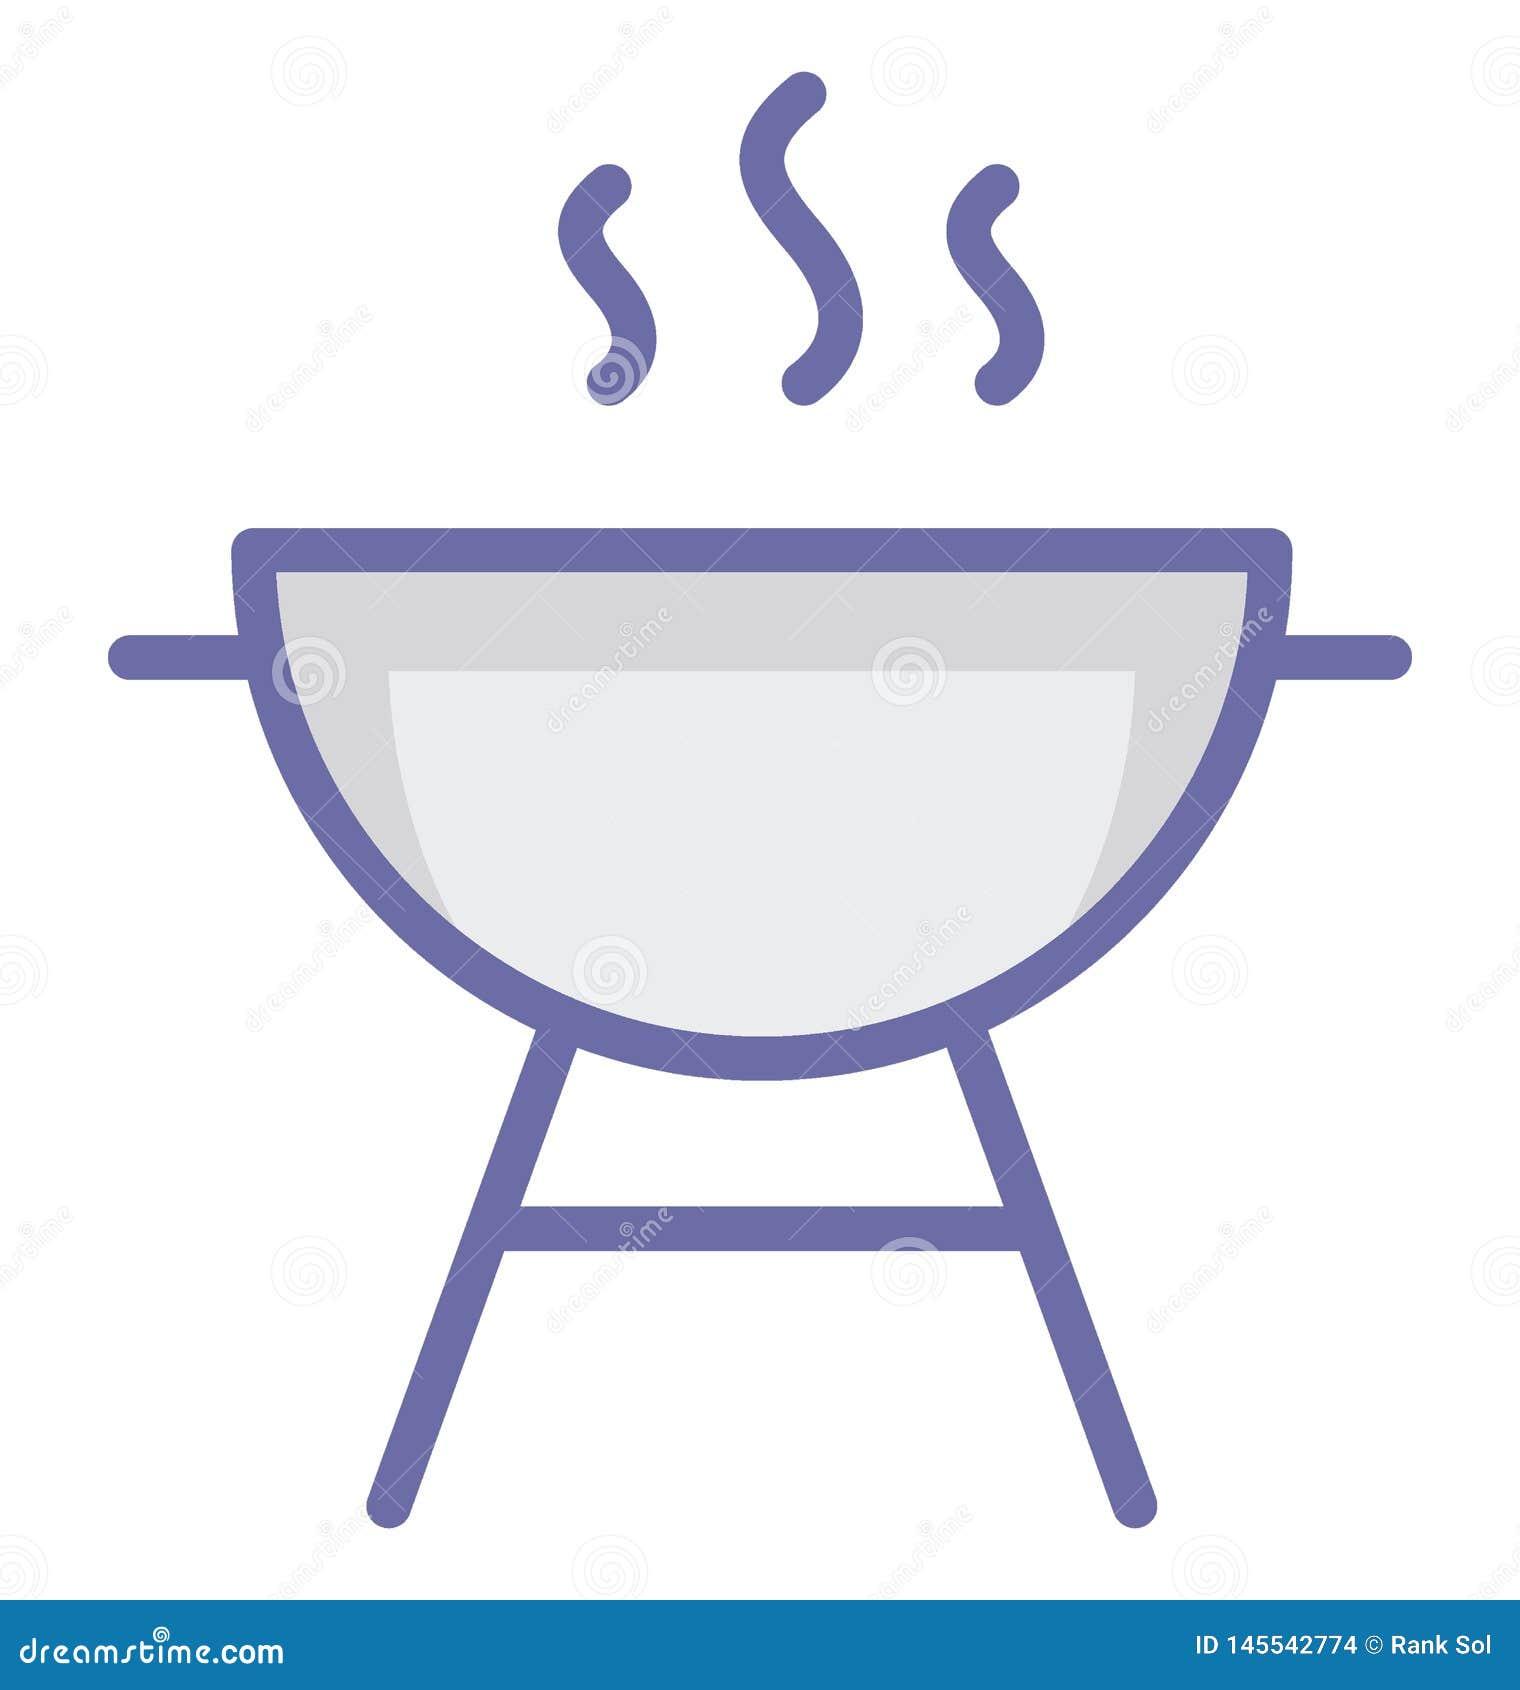 Grill Odizolowywał Wektorową ikonę która może łatwo redagować lub modyfikować